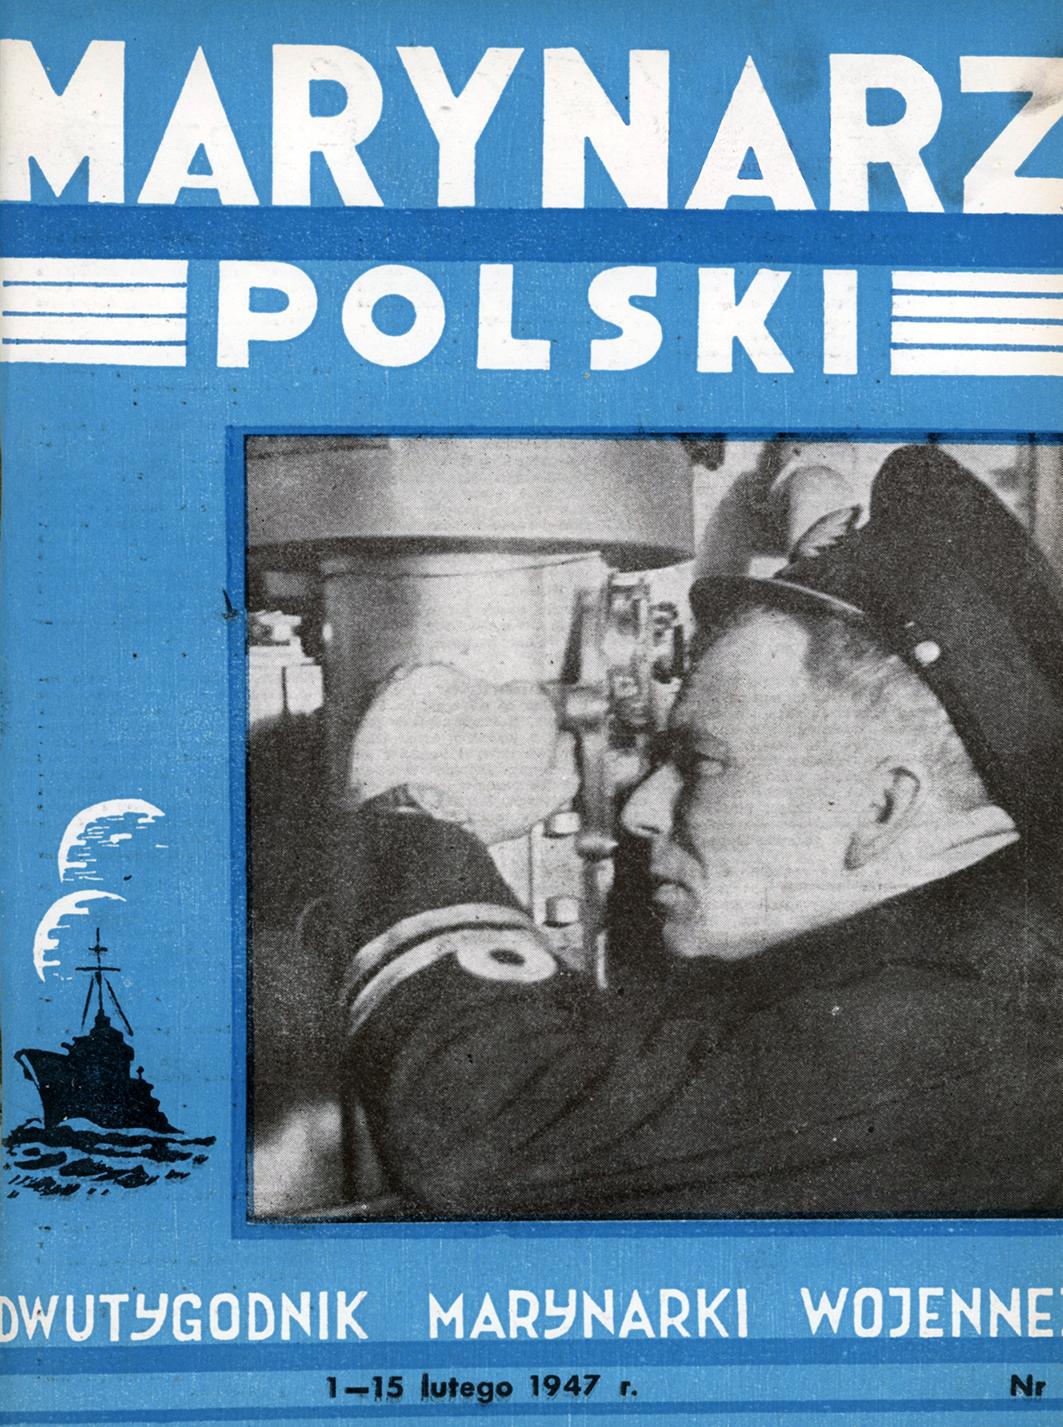 Marynarz Polski : miesięcznik Marynarki Wojennej. - Gdynia : Zarząd Pol.- Wych. Marynarki Wojennej, 1947, 16 - 311- 15 luty